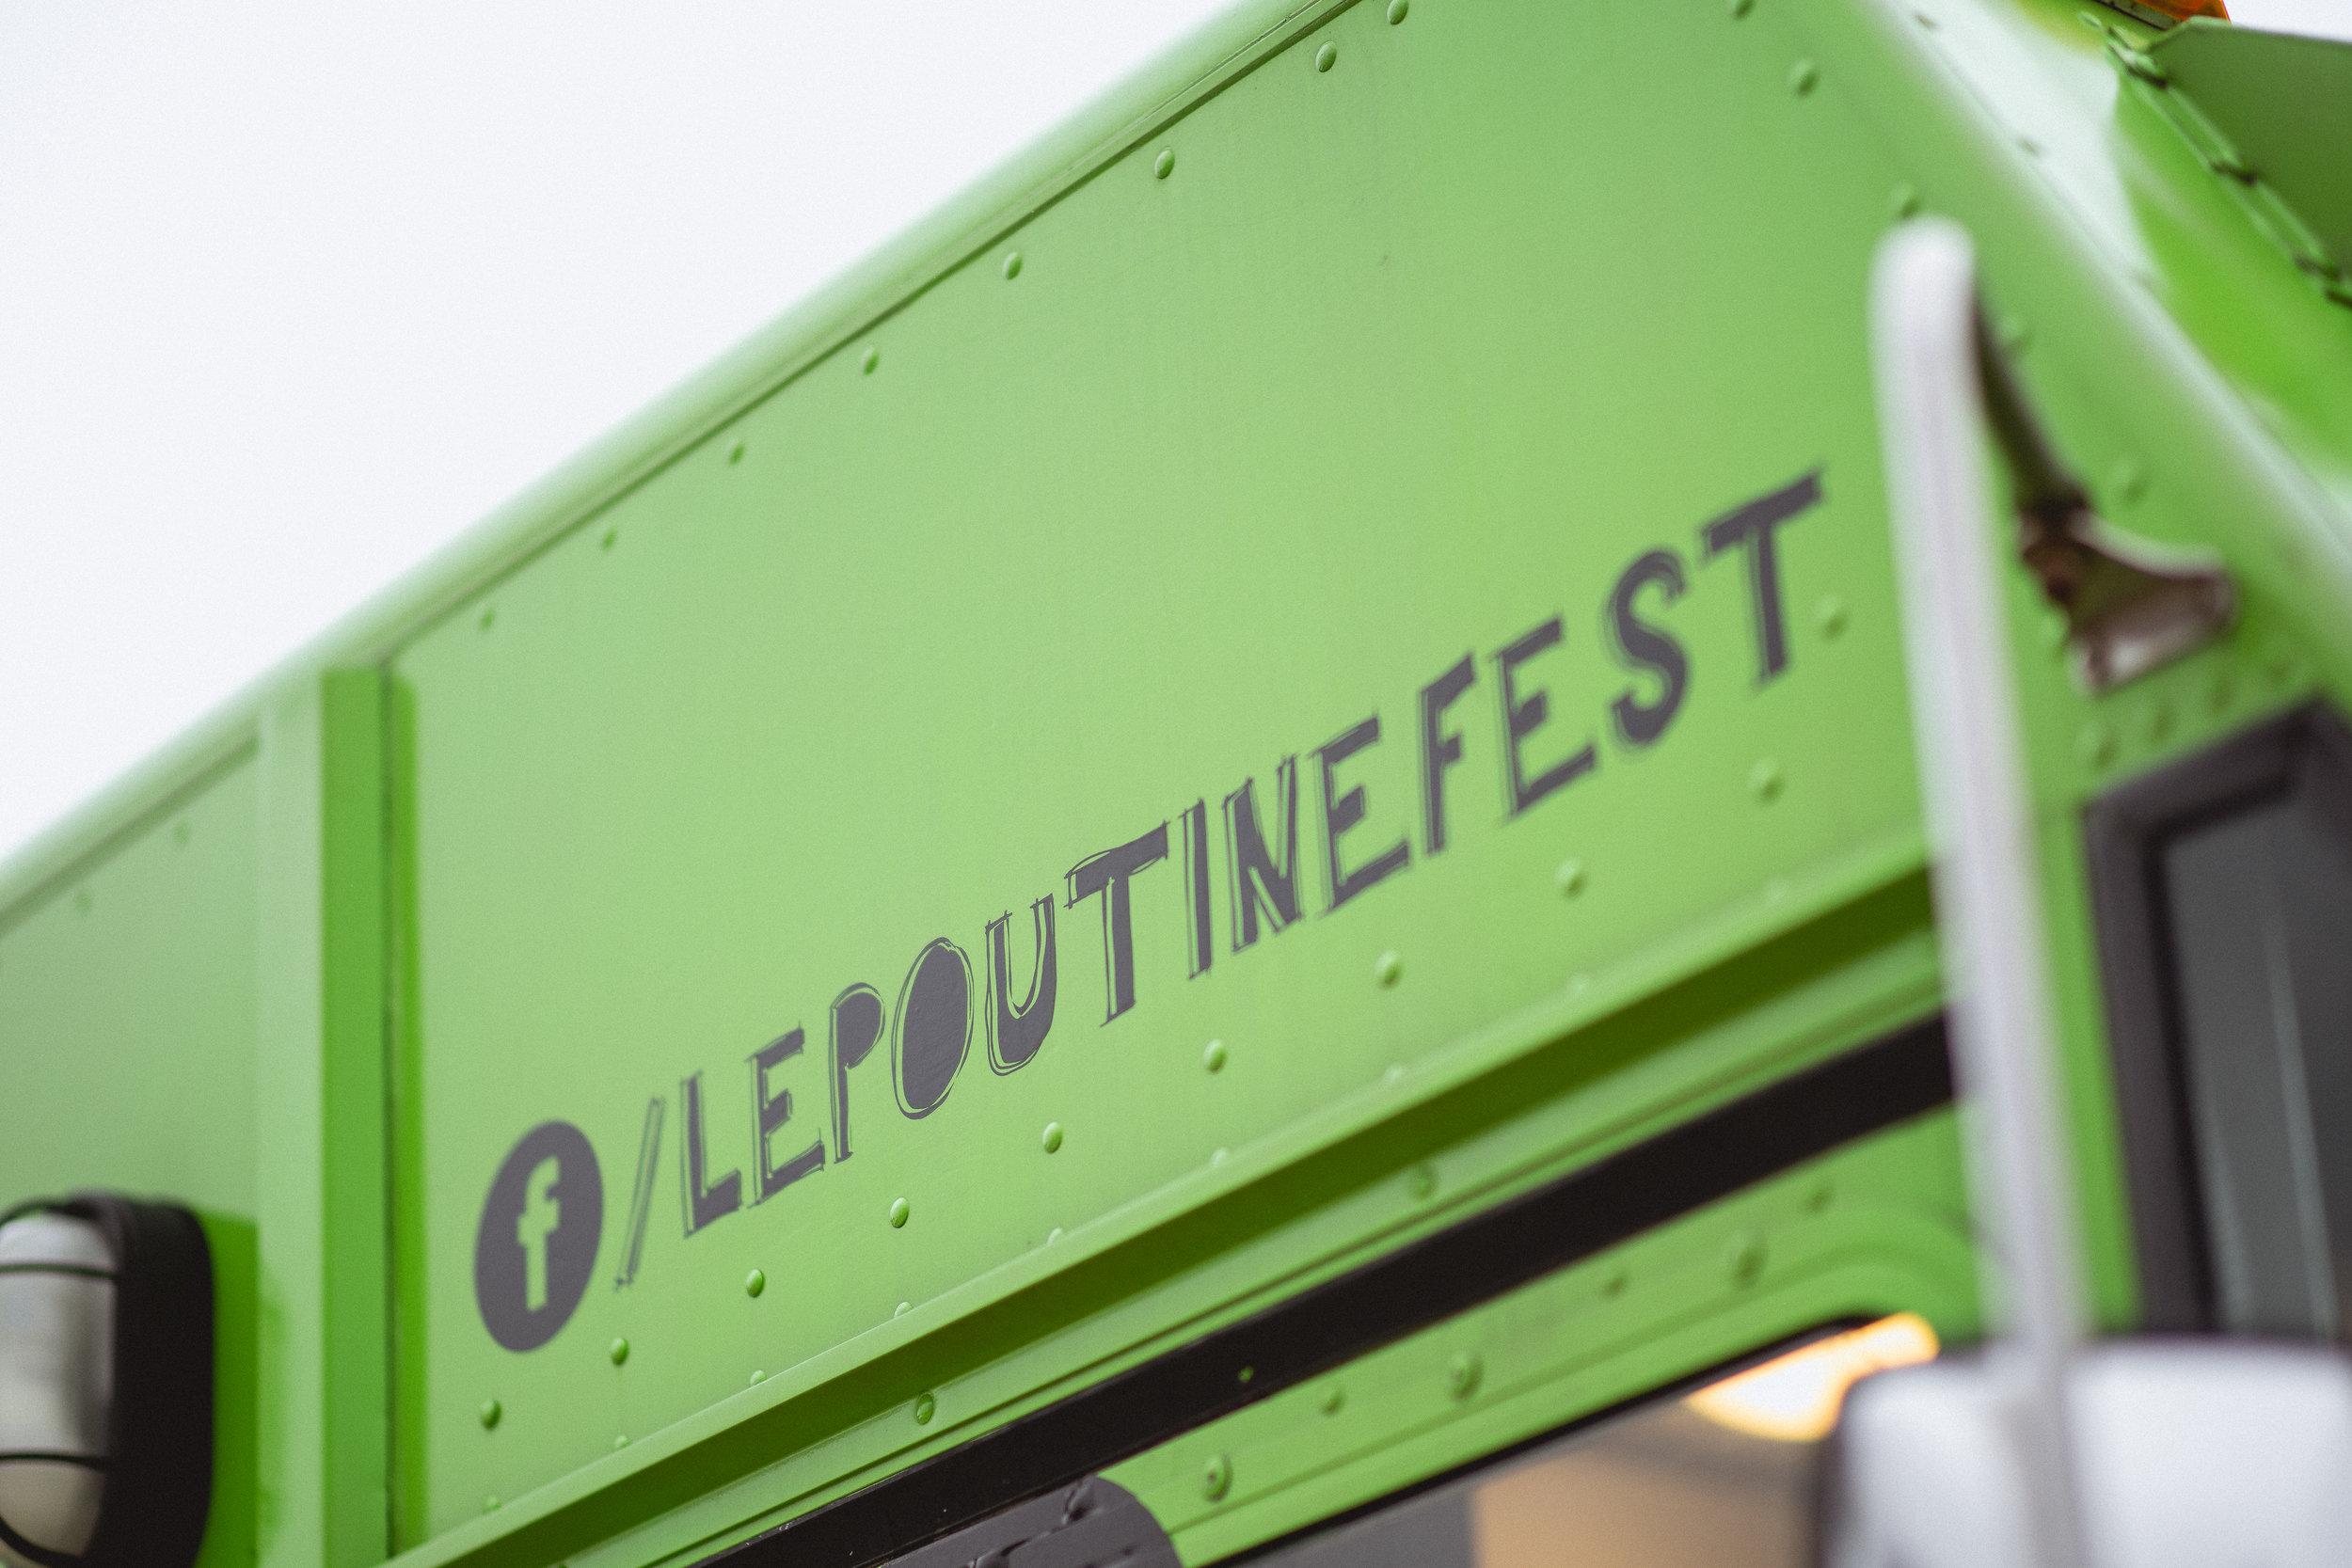 poutinefest2019-06286.jpg